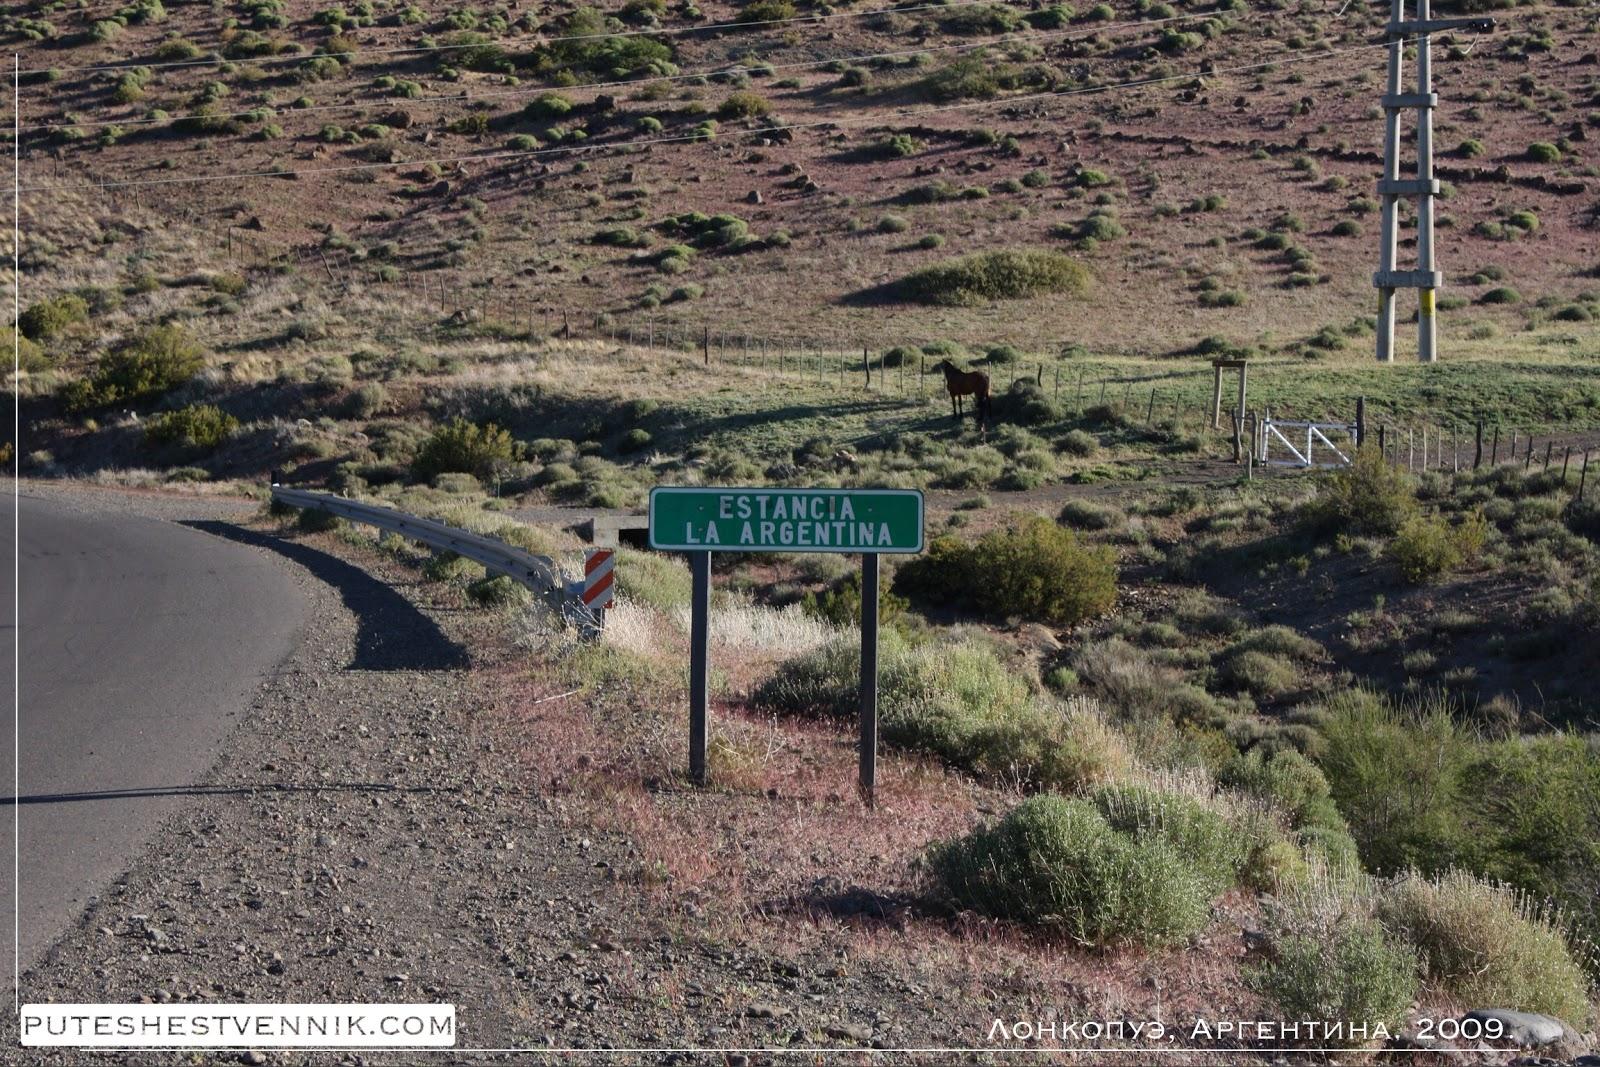 У трассы в Аргентине